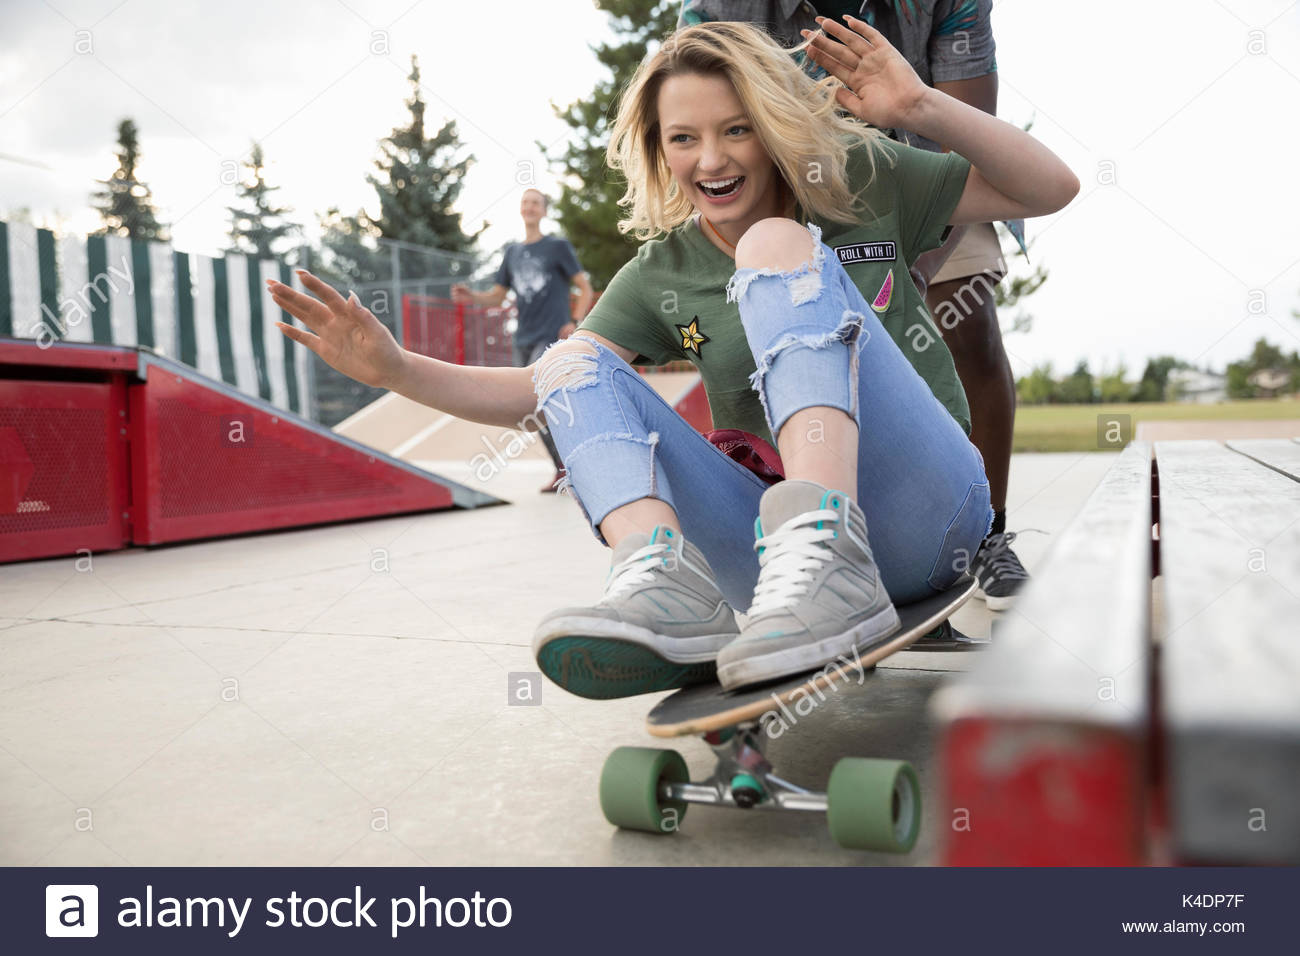 d6d57fbe Riding A Skateboard Stock Photos & Riding A Skateboard Stock Images ...